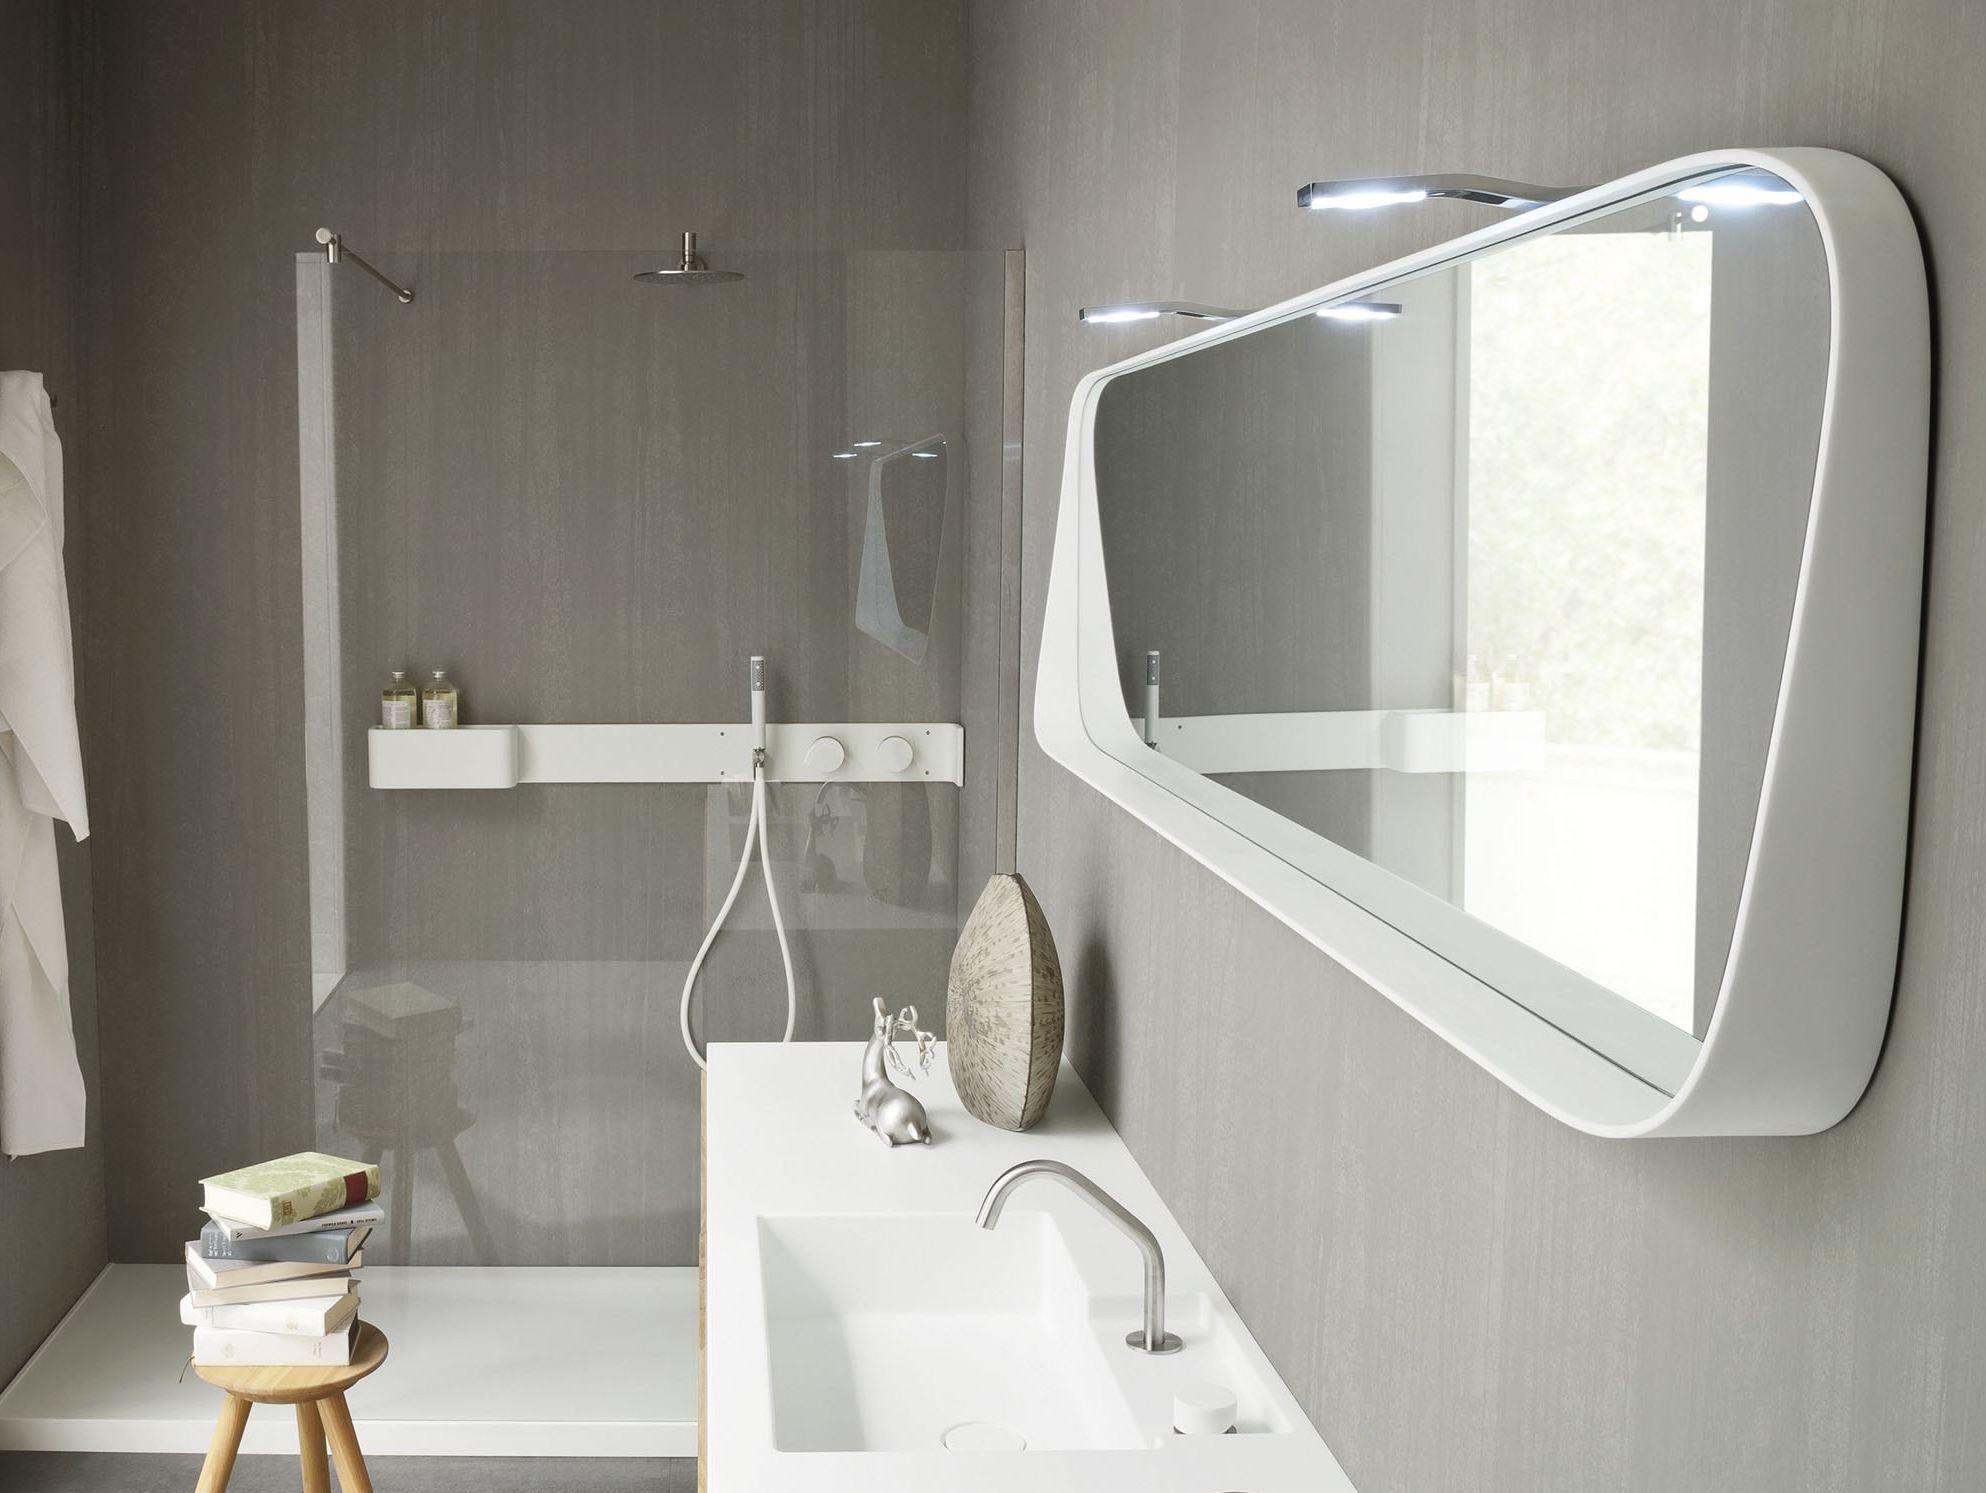 Деревянная и пластиковая мебель в ванной в стиле минимализм